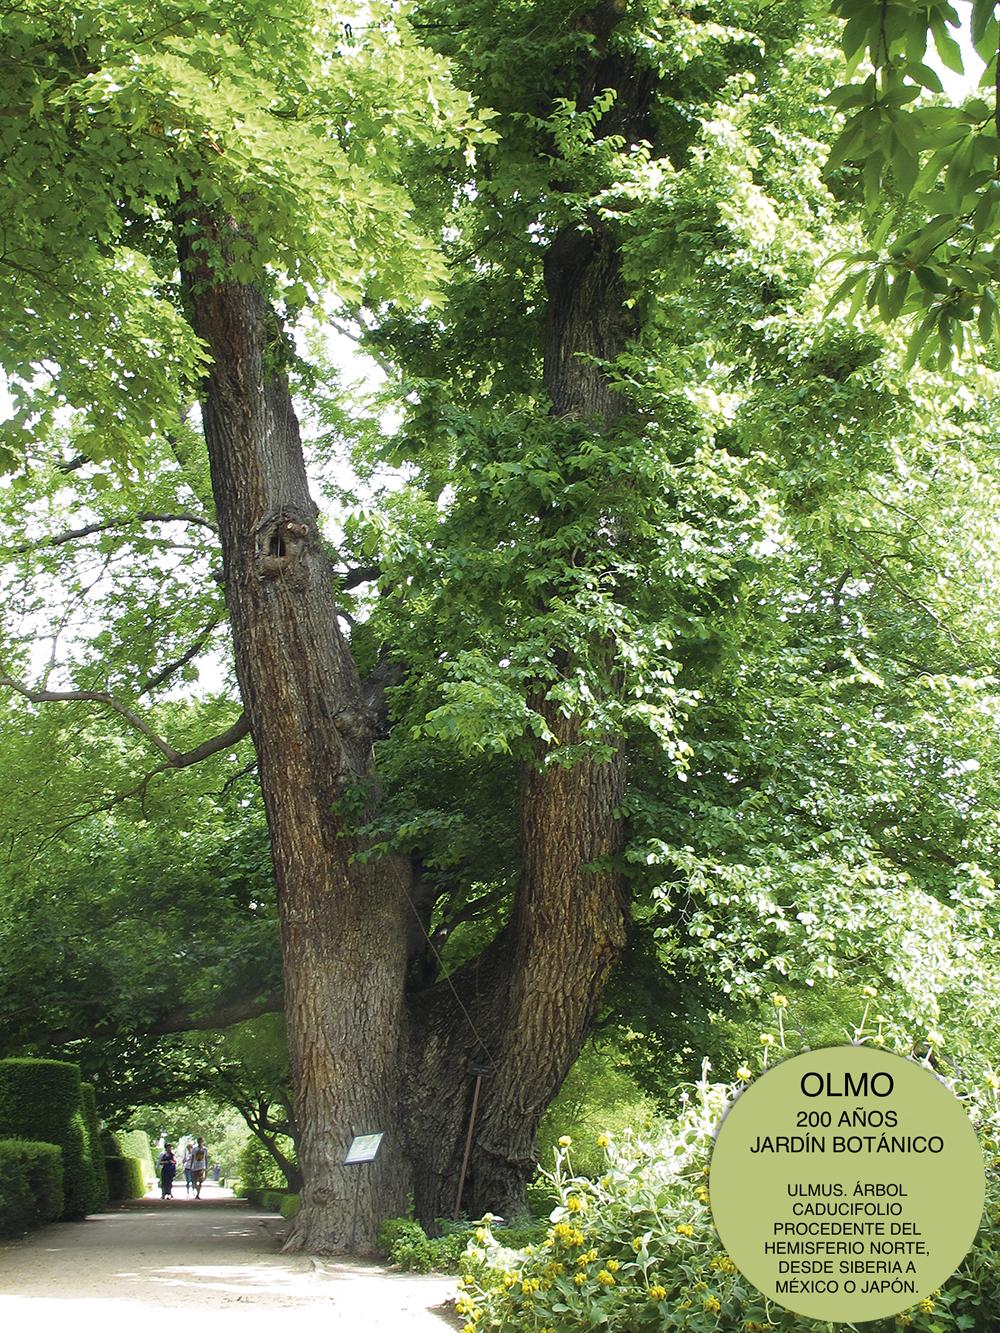 Olmo Pantalones Botanico Marca - Cinco árboles singulares de Madrid que tienes que conocer